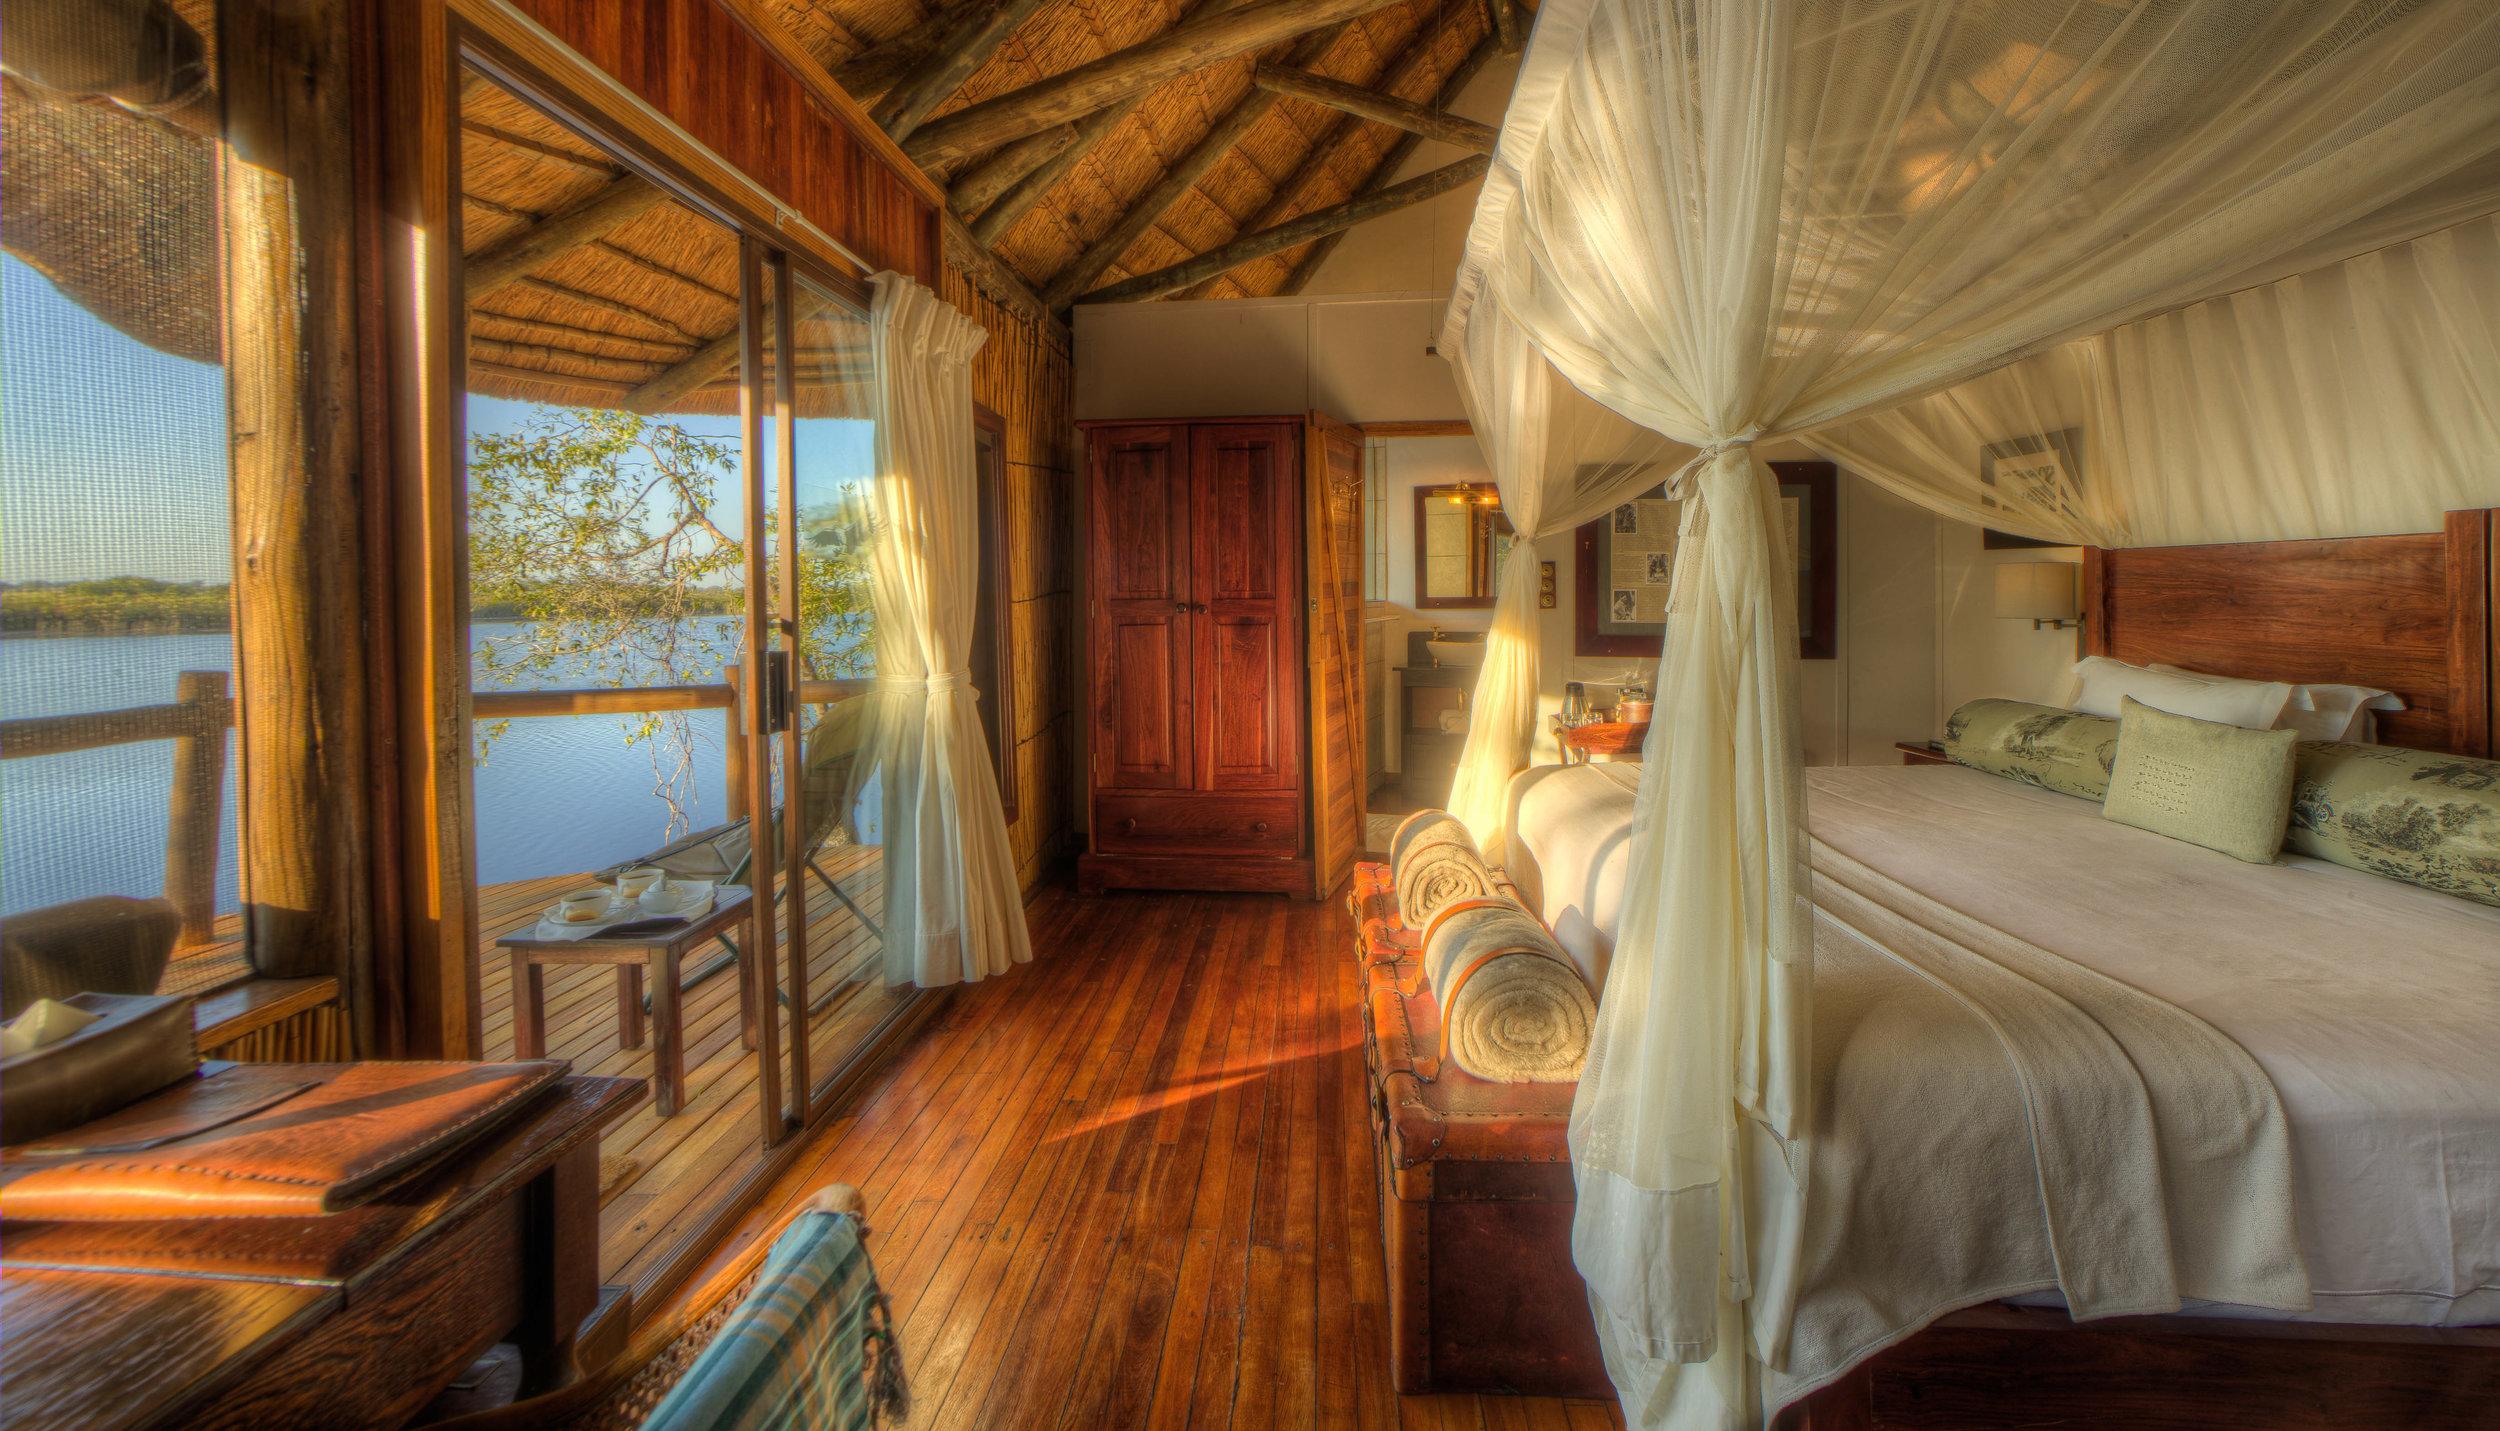 xugana-island-lodge-guest-room-interior1.jpg